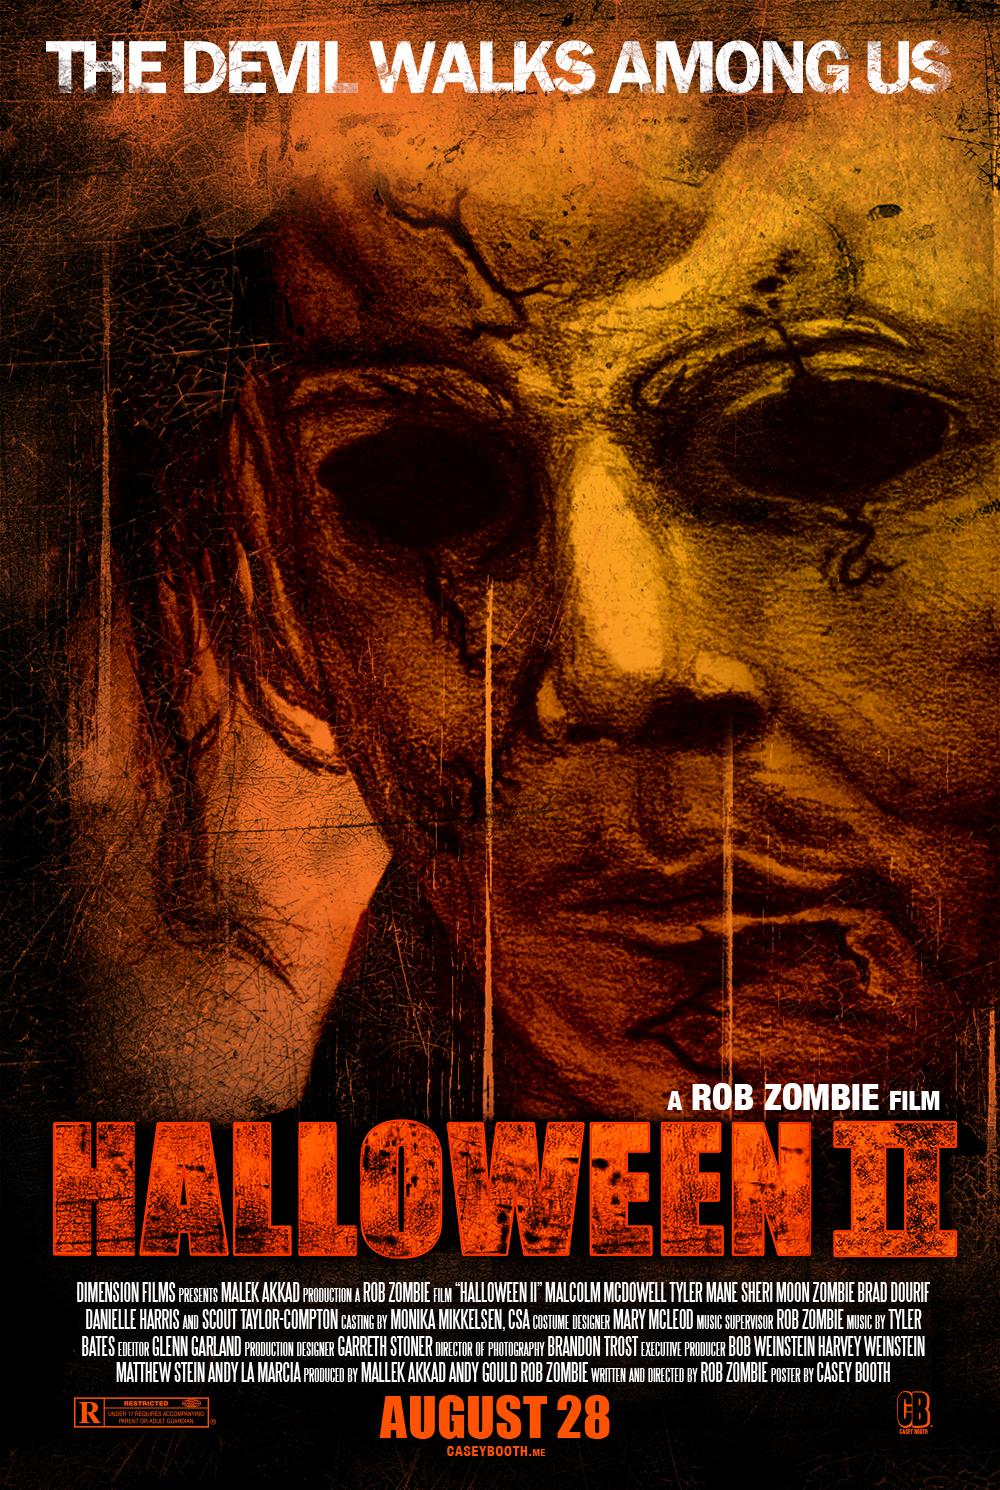 Halloweenii attach